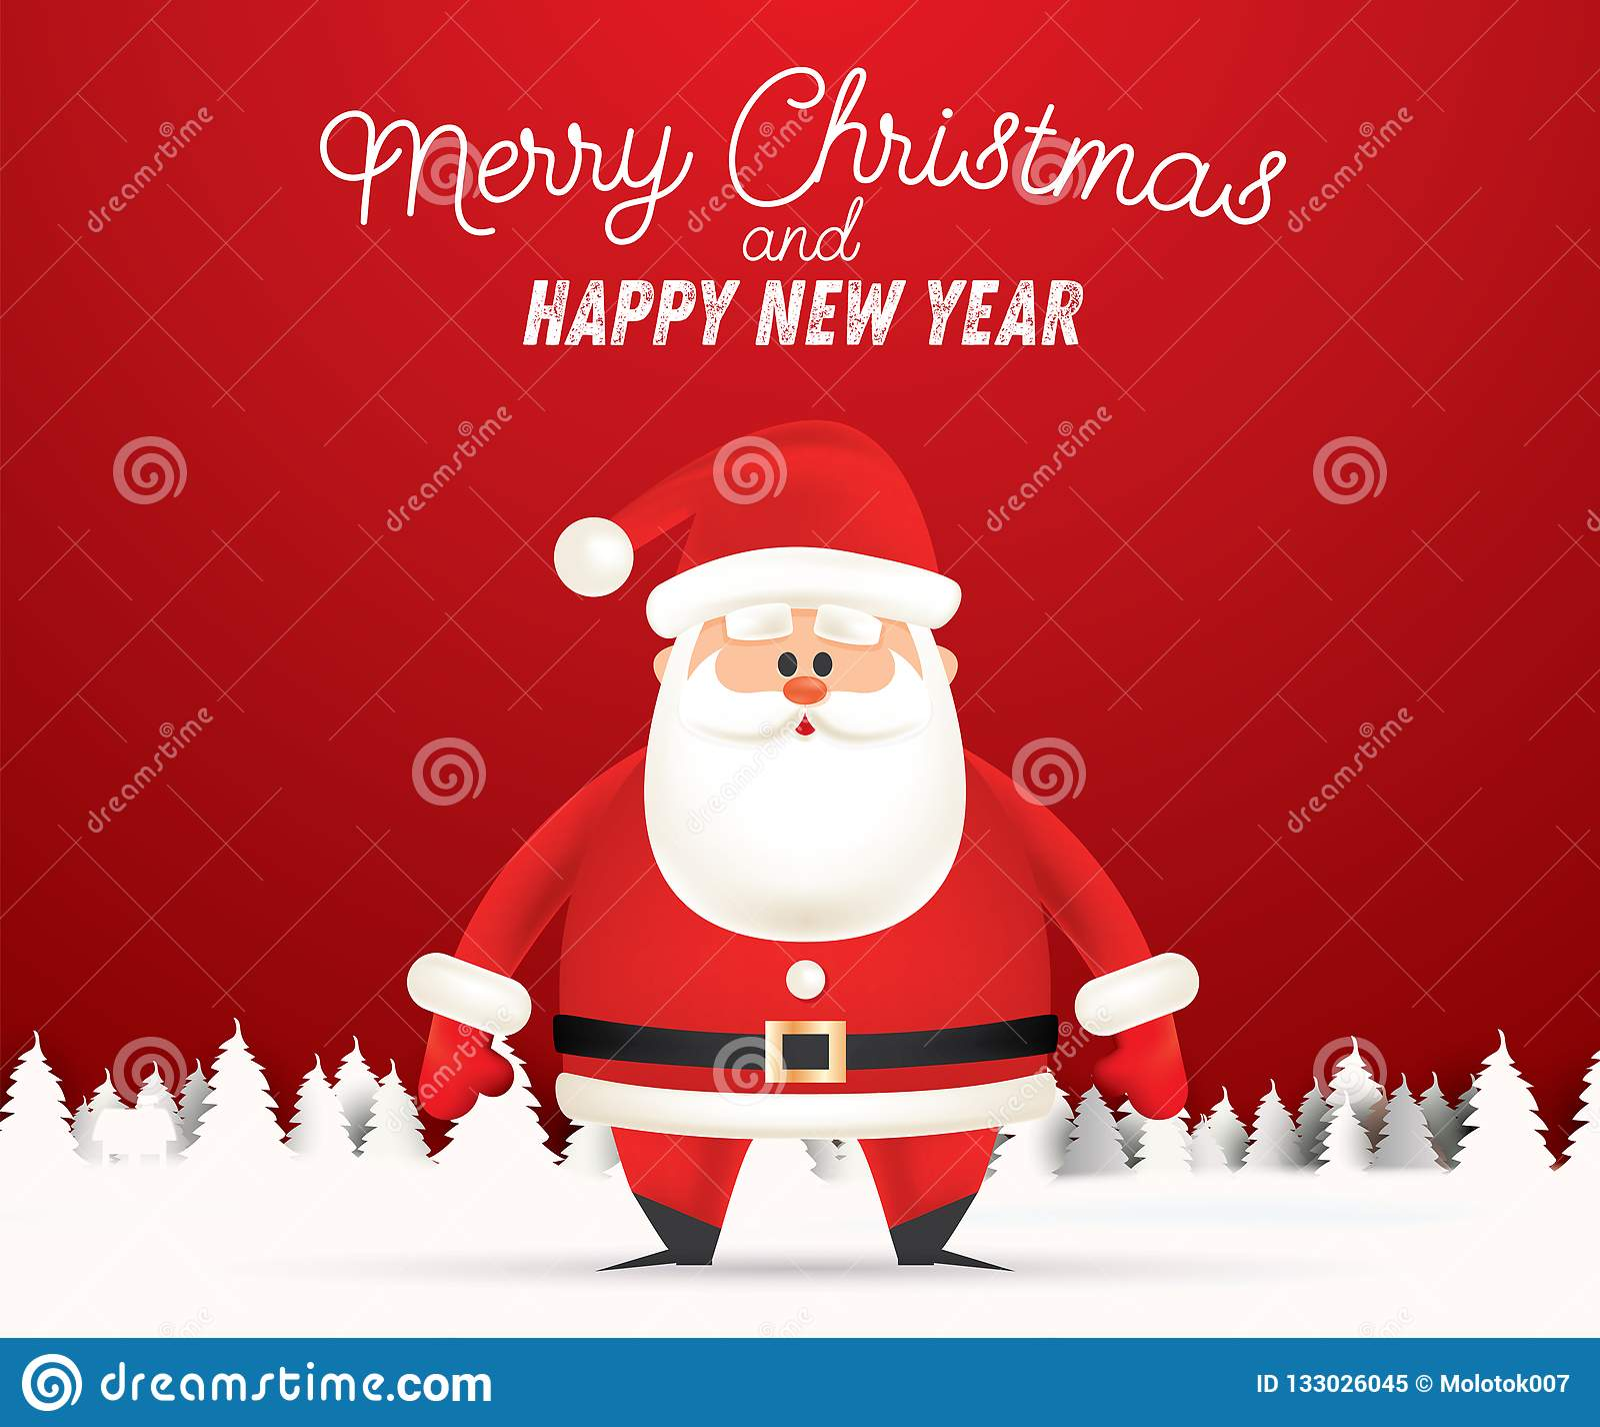 Grüße Frohe Weihnachten.Glückwunsch Gruß Feste Wald Frohe Weihnachten Und Ein Gutes Neues